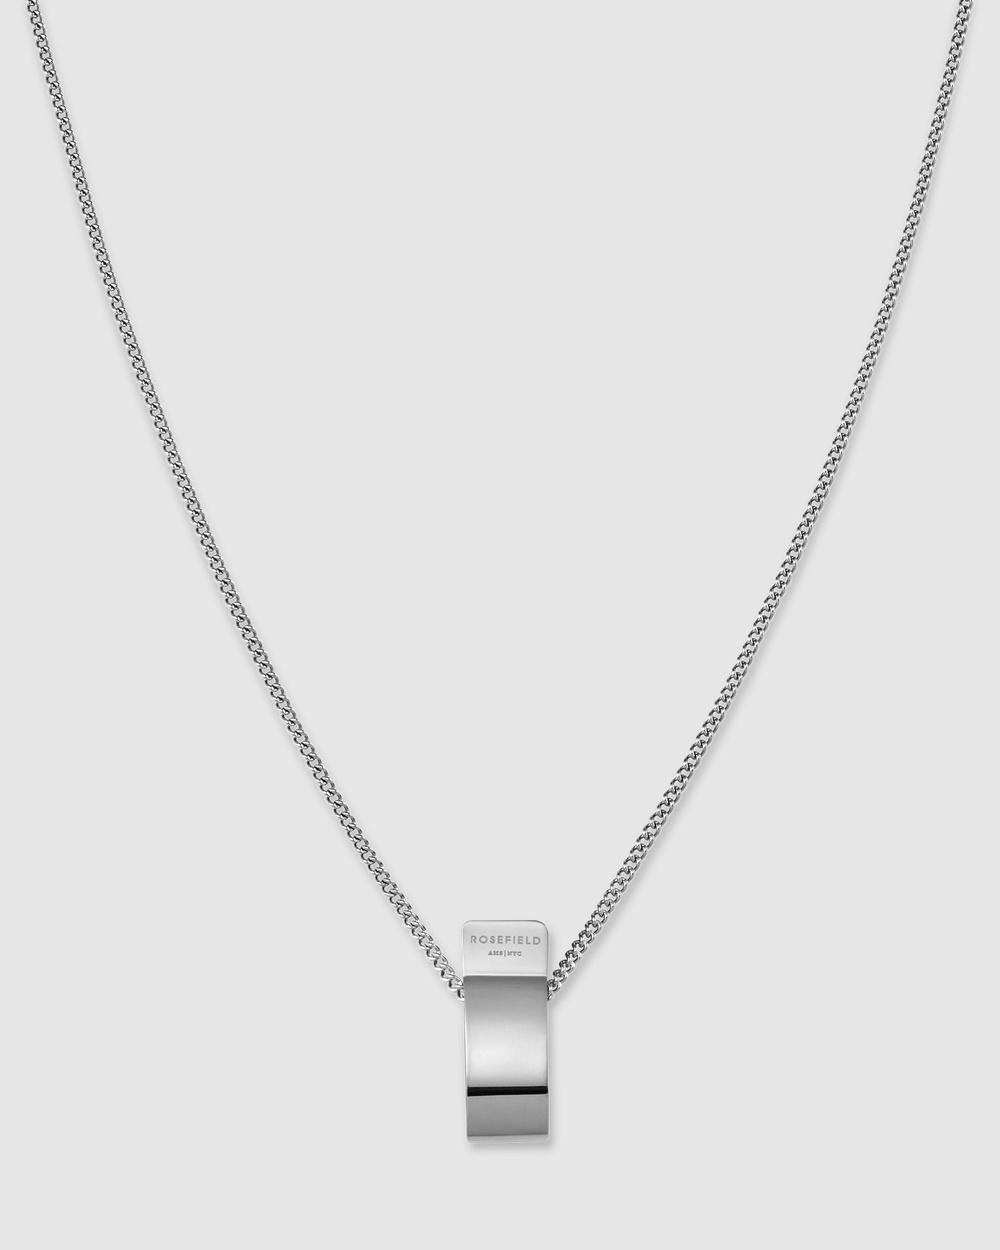 Rosefield Folded Charm Jewellery Silver